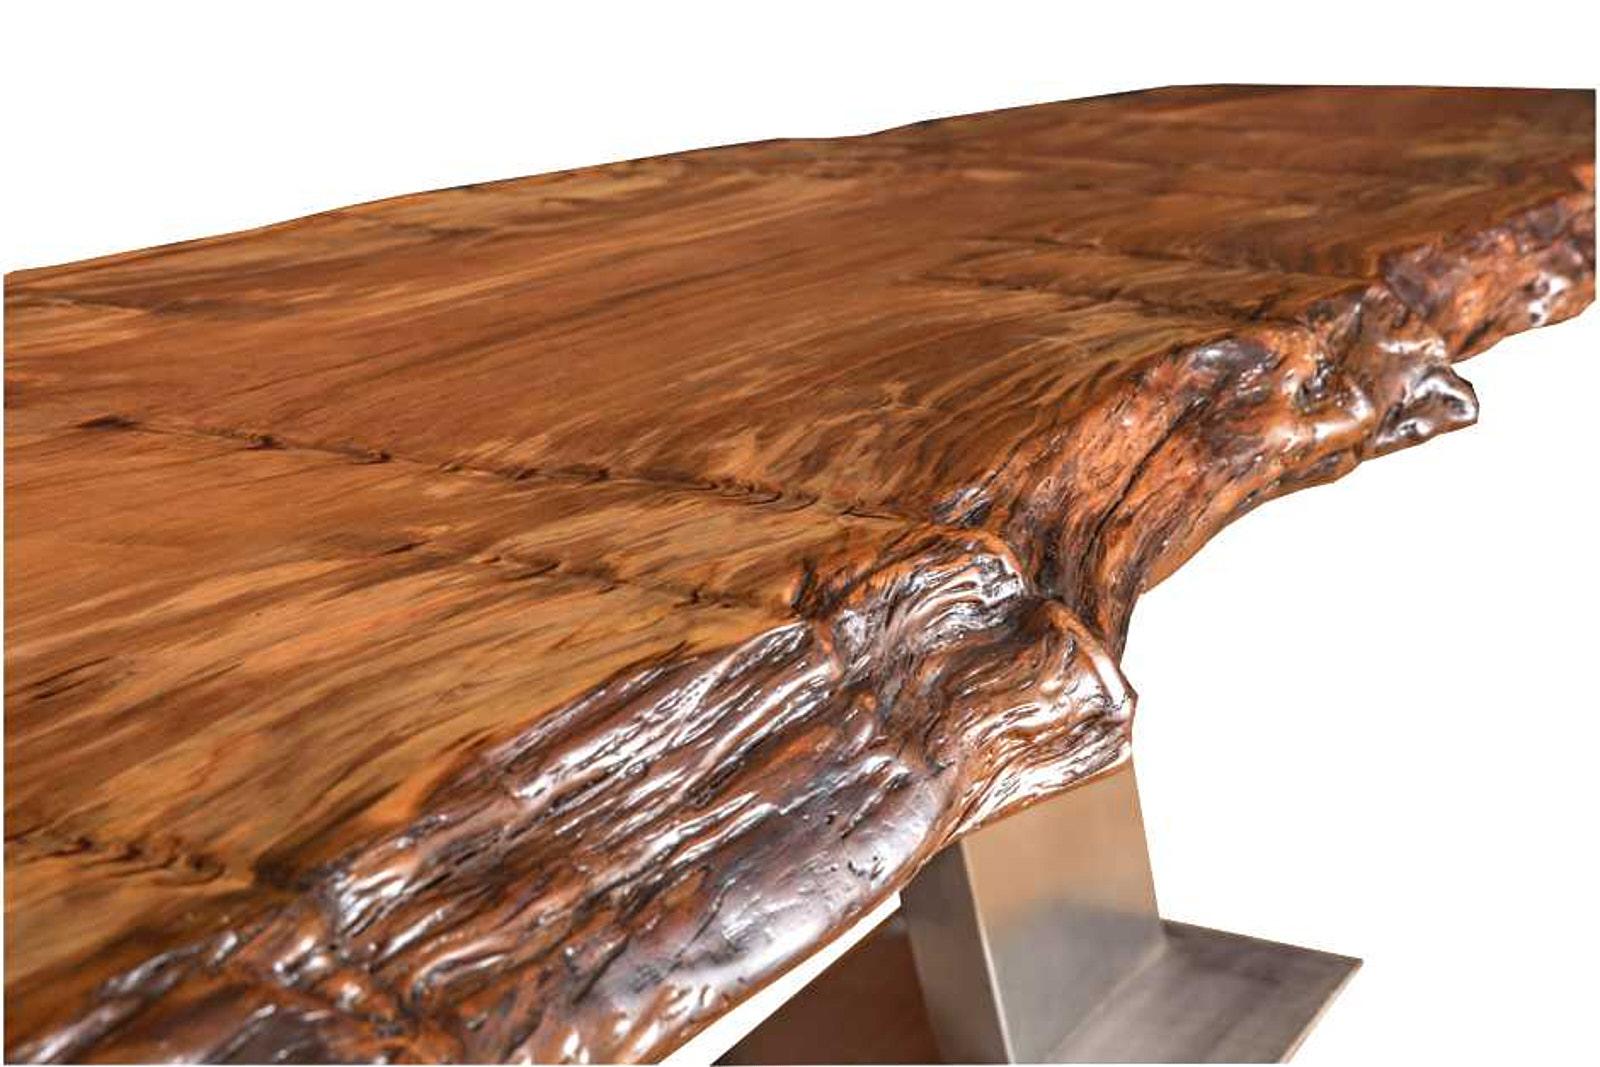 Exklusiver Designer Konferenztisch aus außergewöhnlichem Kauri Massivholz, Konferenztisch aus Baumstamm mit urwüchsigen Naturkanten